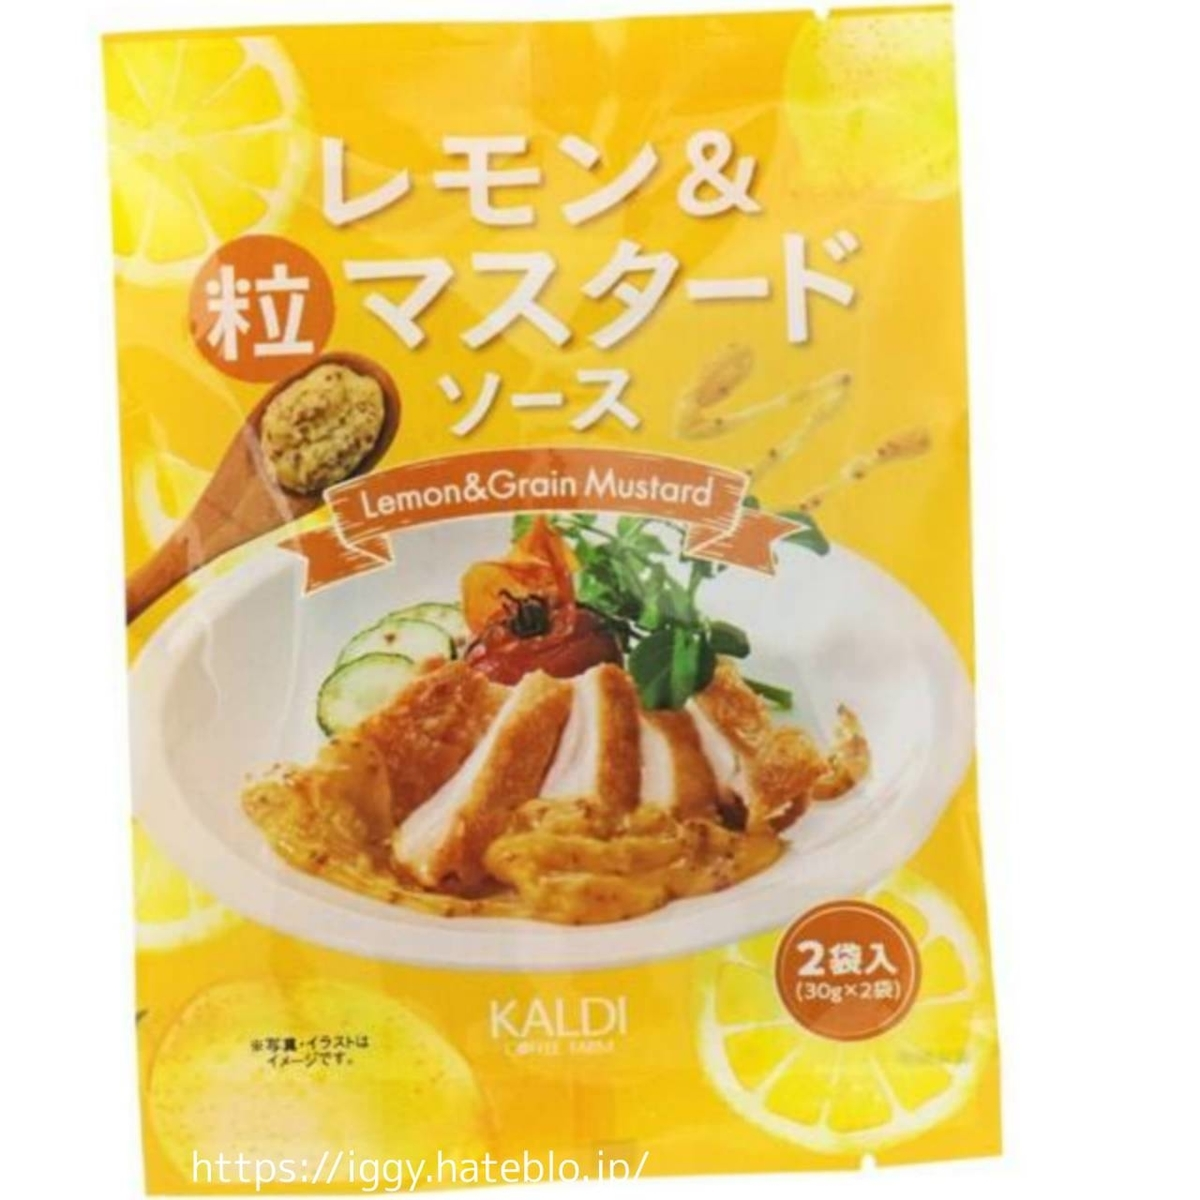 カルディ おすすめ商品「レモン&粒マスタードソース」原材料 カロリー・栄養成分